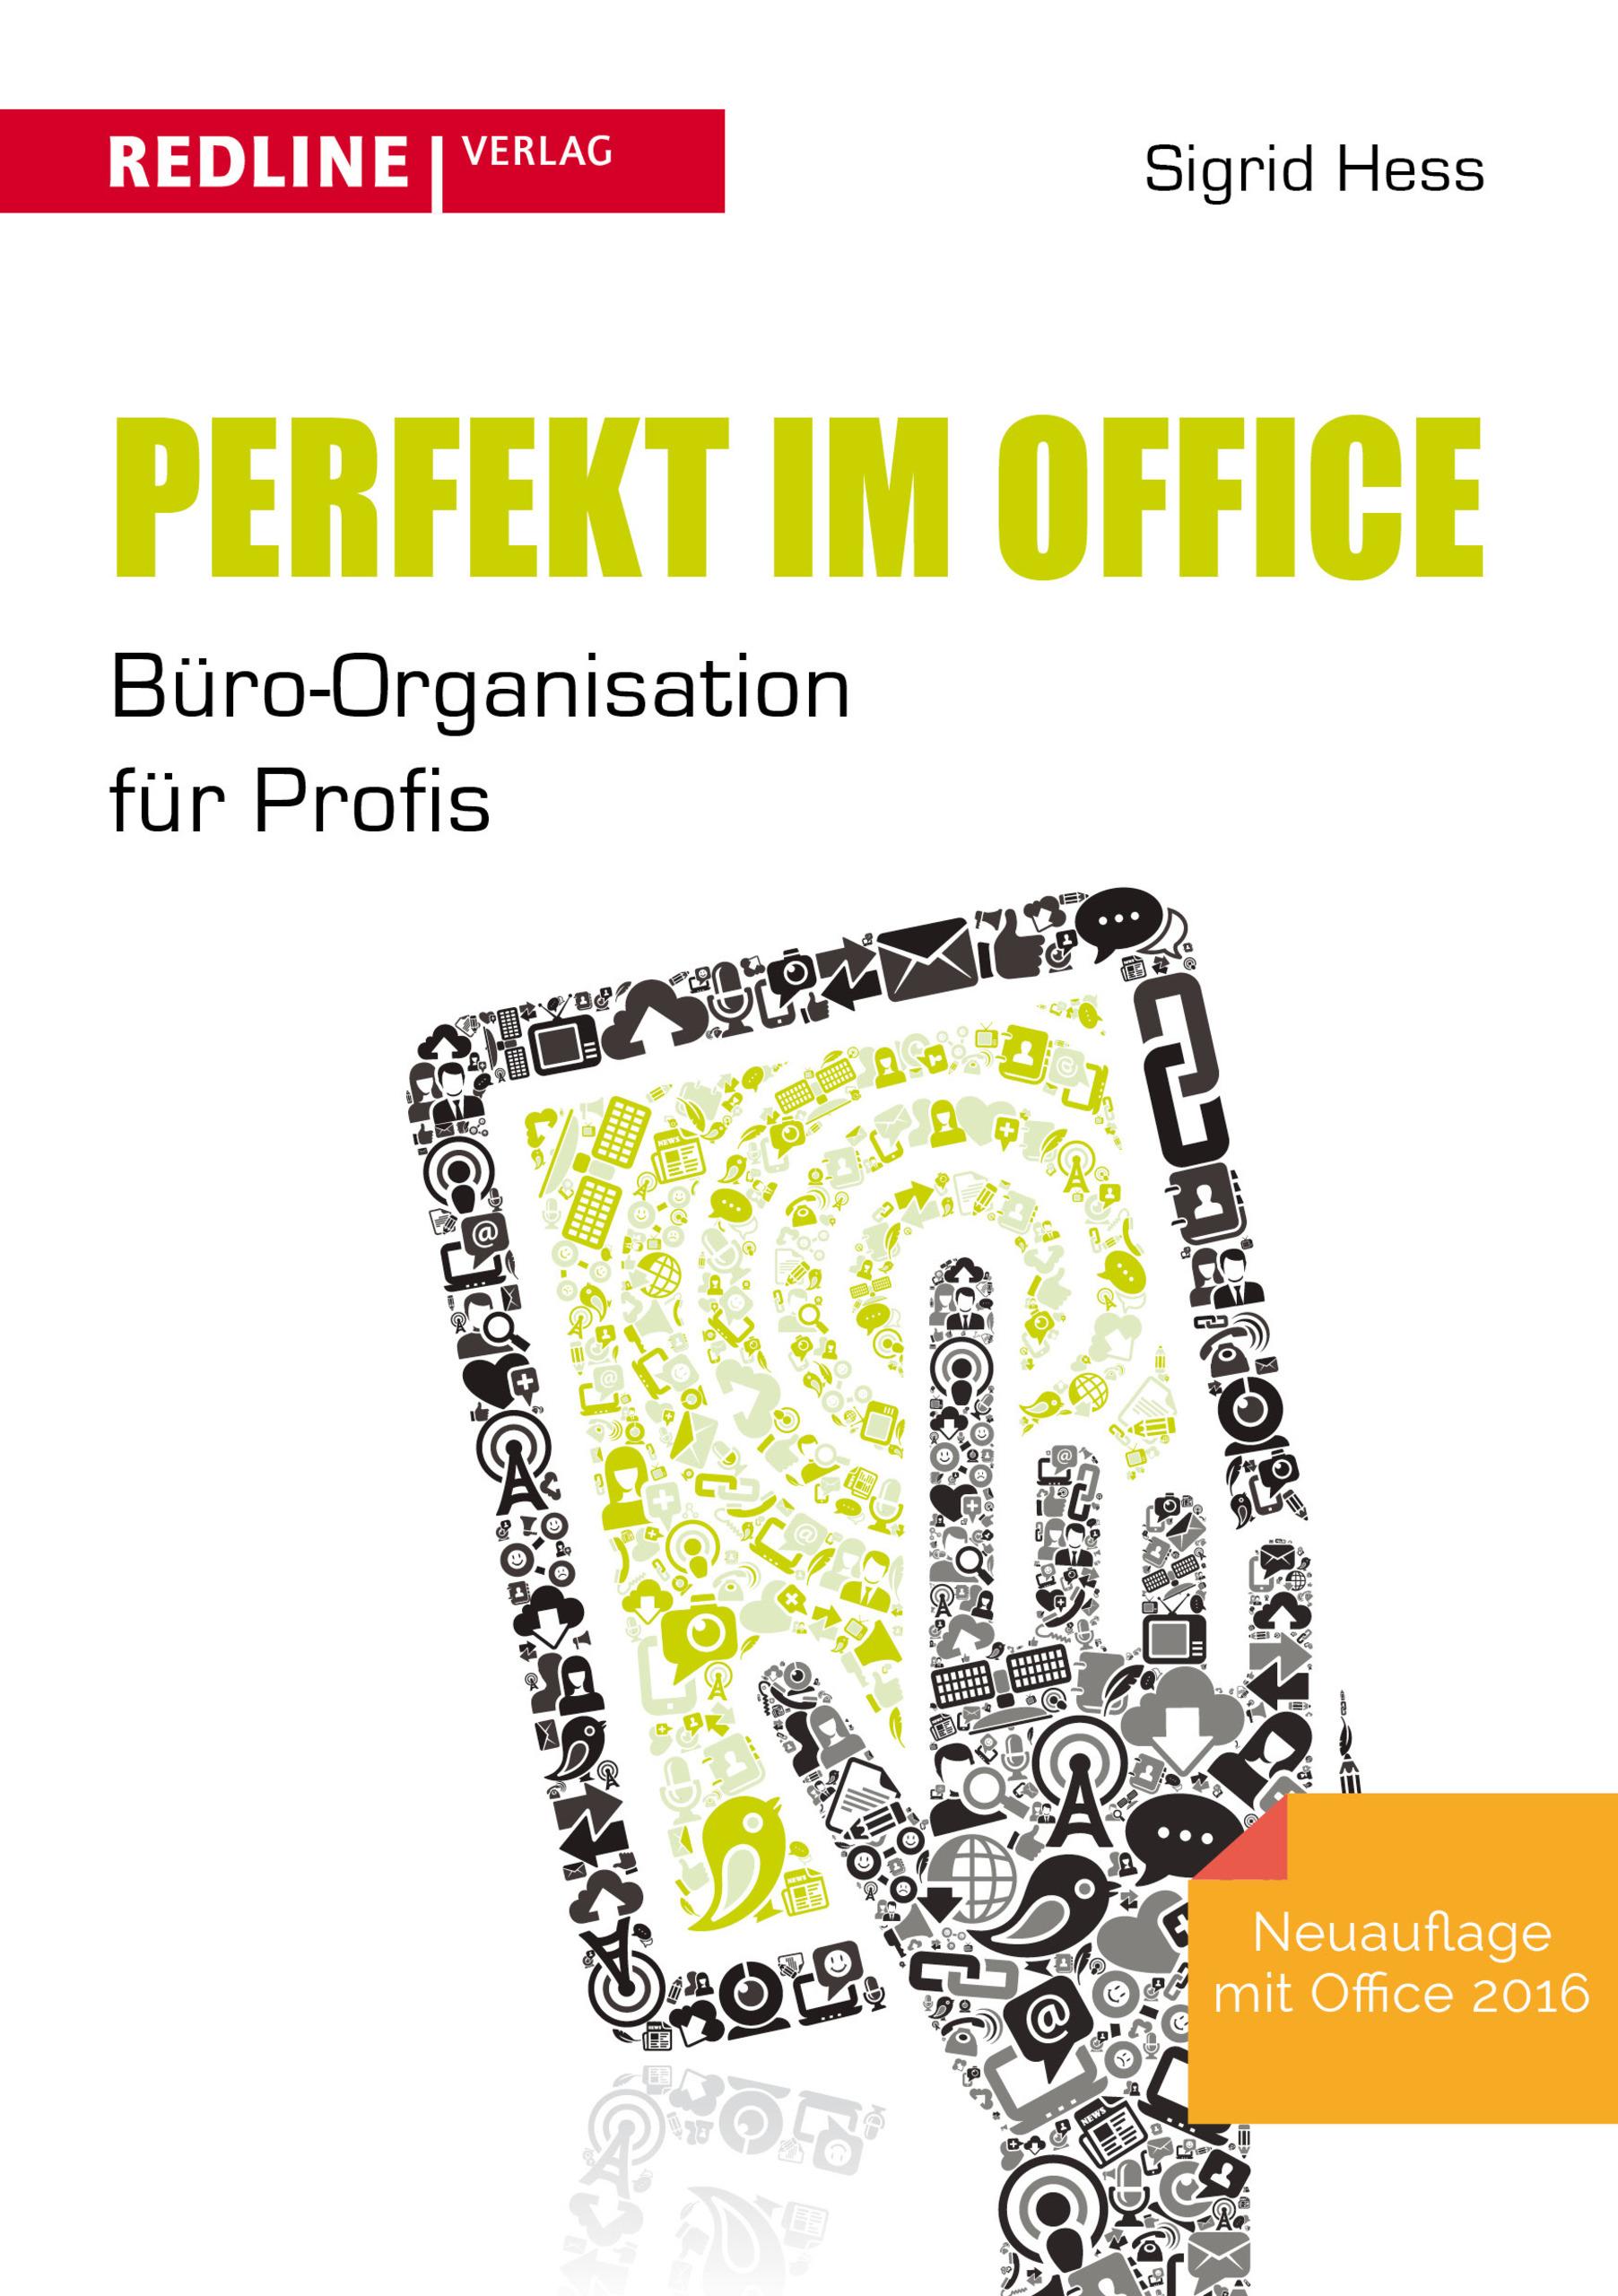 Perfekt-im-Office-Sigrid-Hess